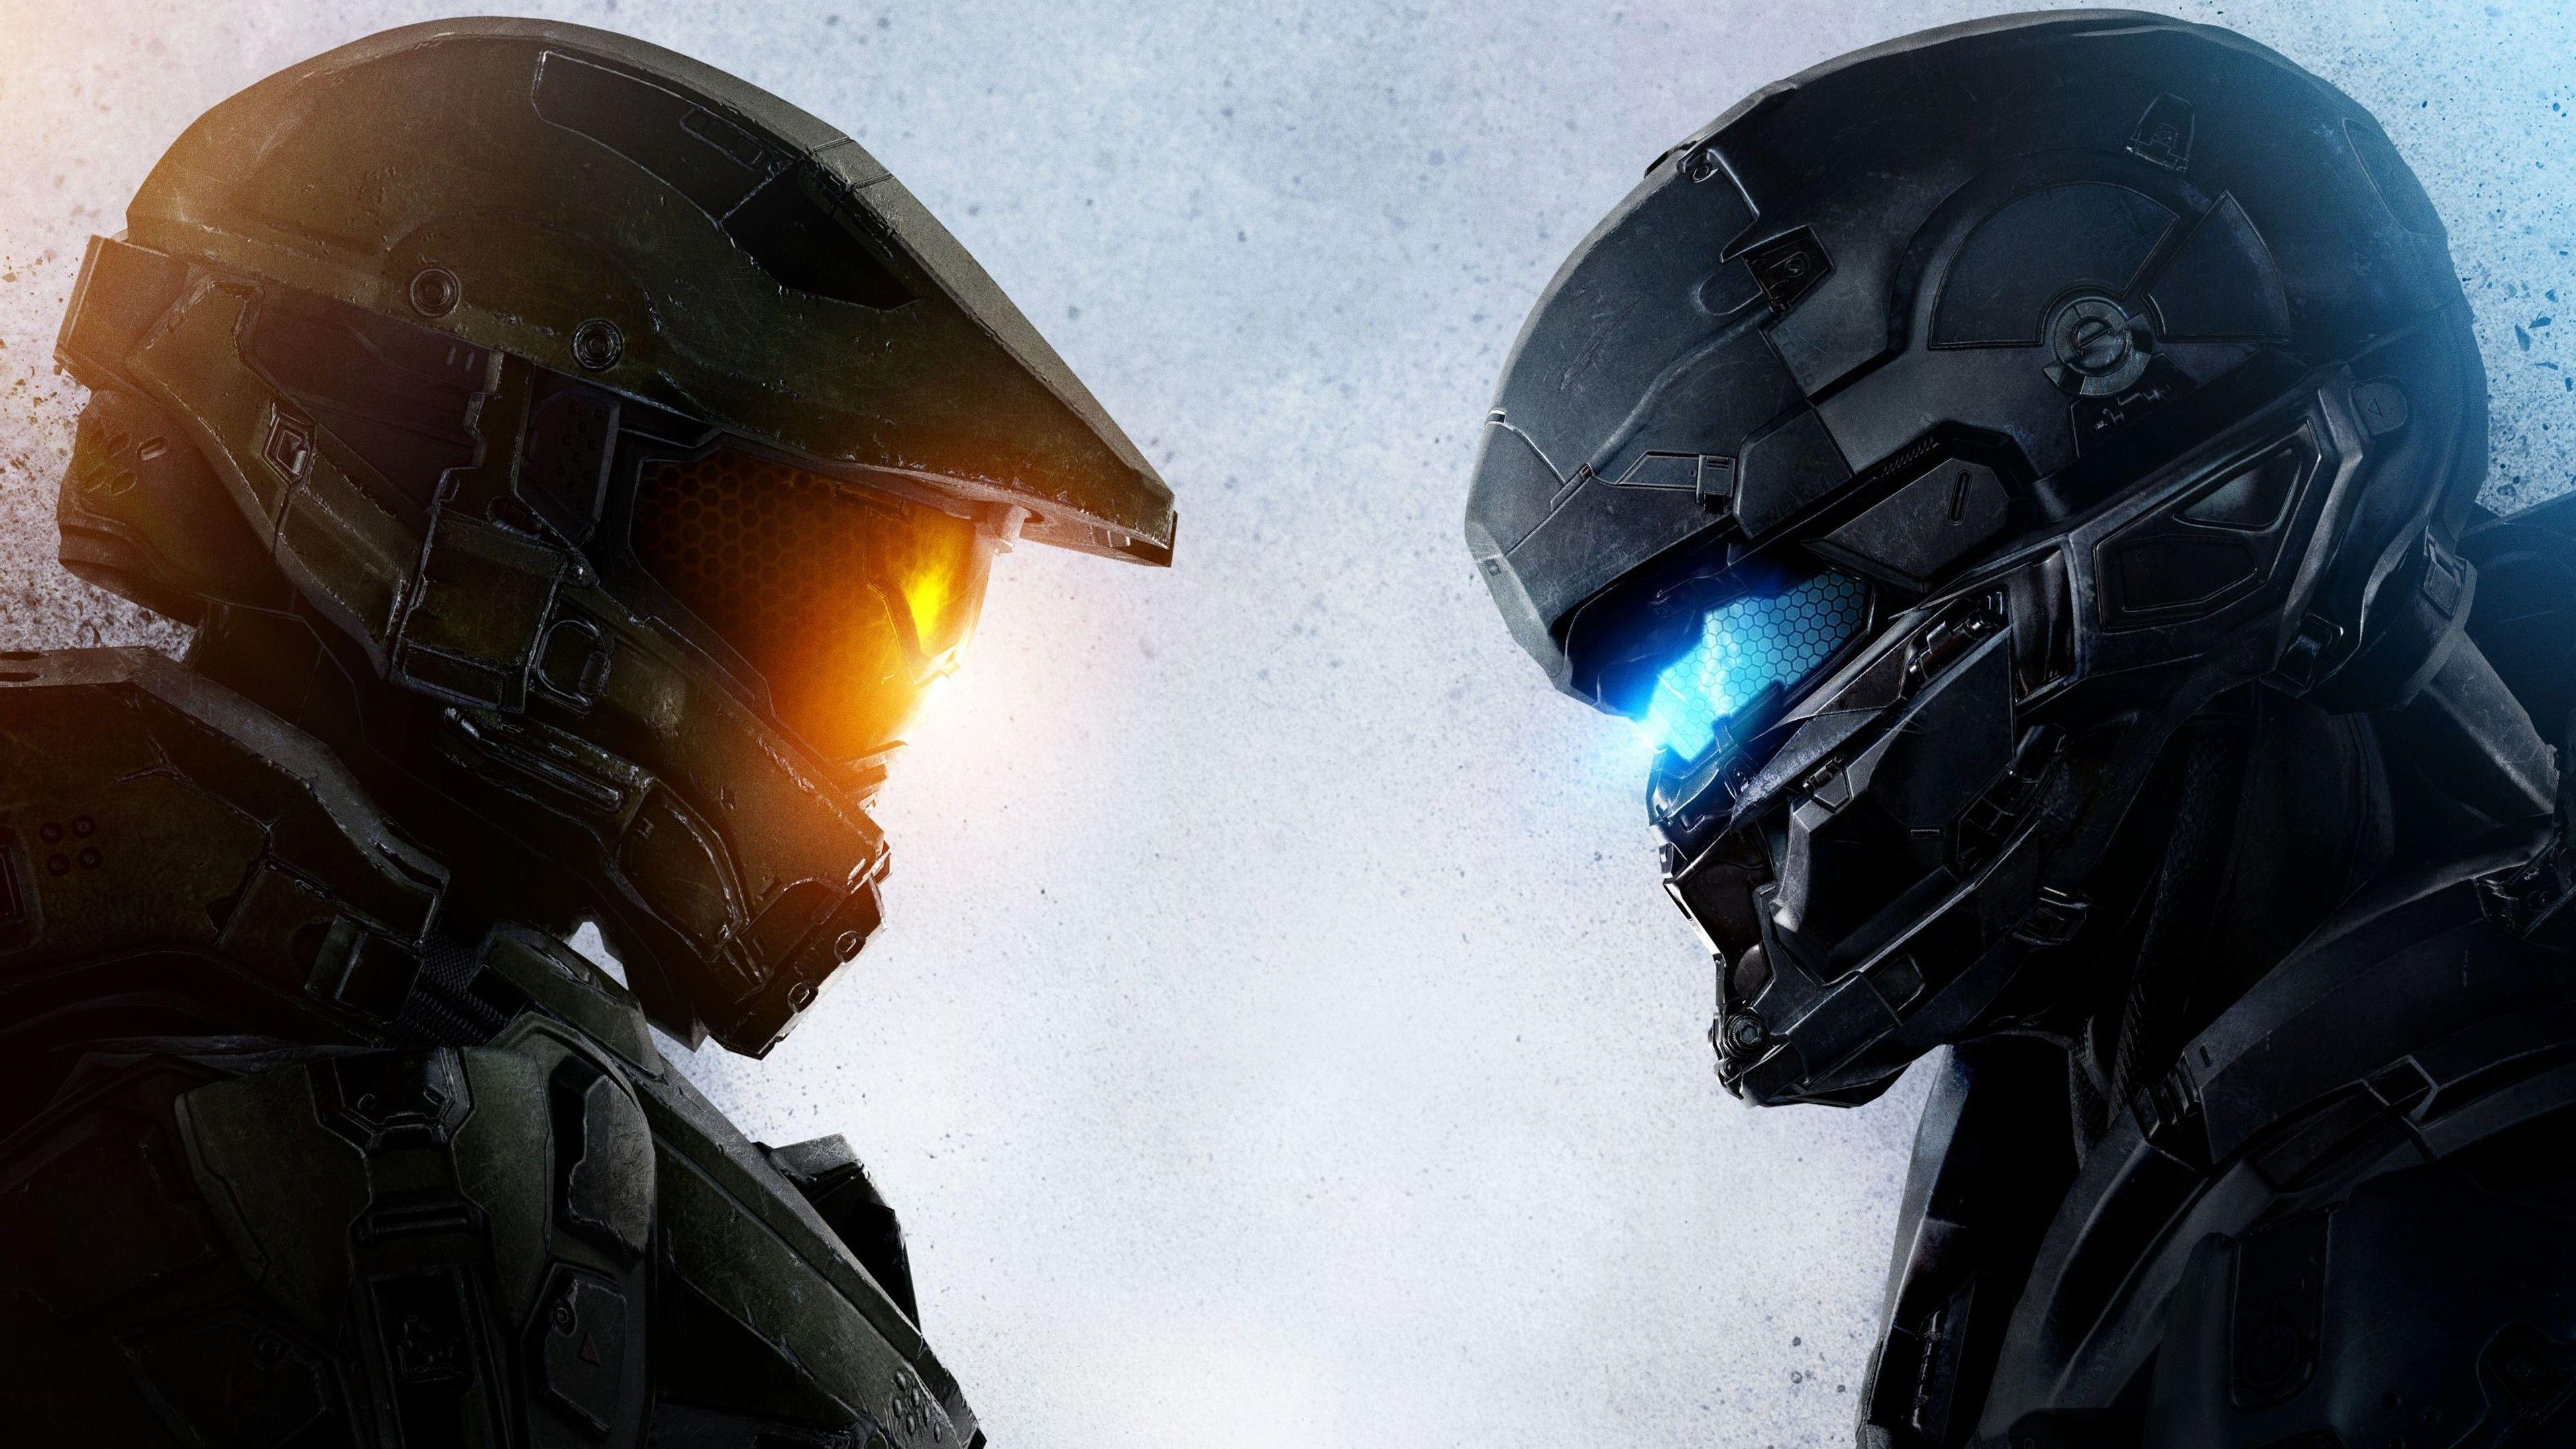 Halo 5 Master Chief Wallpaper Download HD Attachment 14139 .